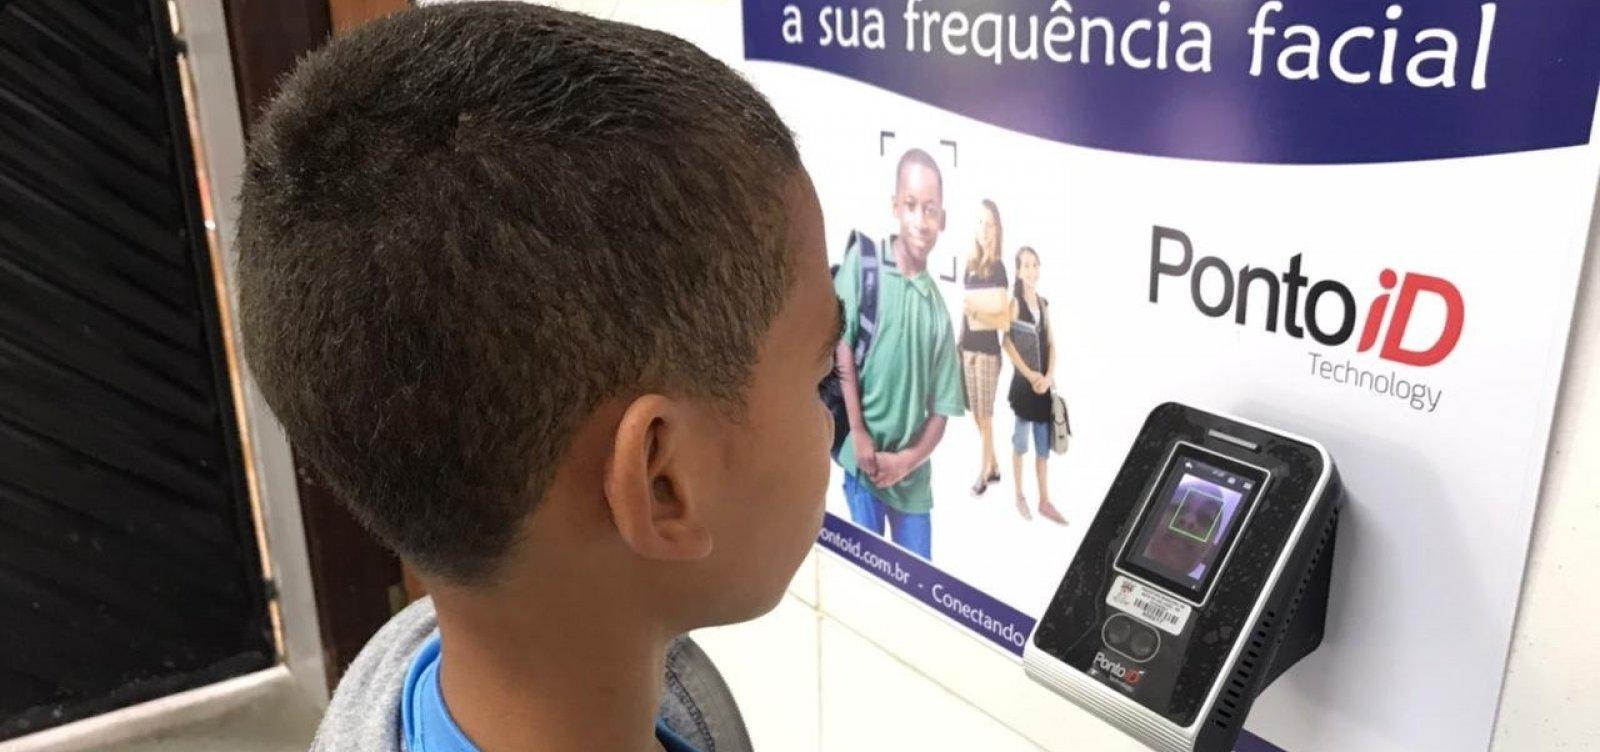 Mata de São João adota reconhecimento facial para monitorar frequência de alunos